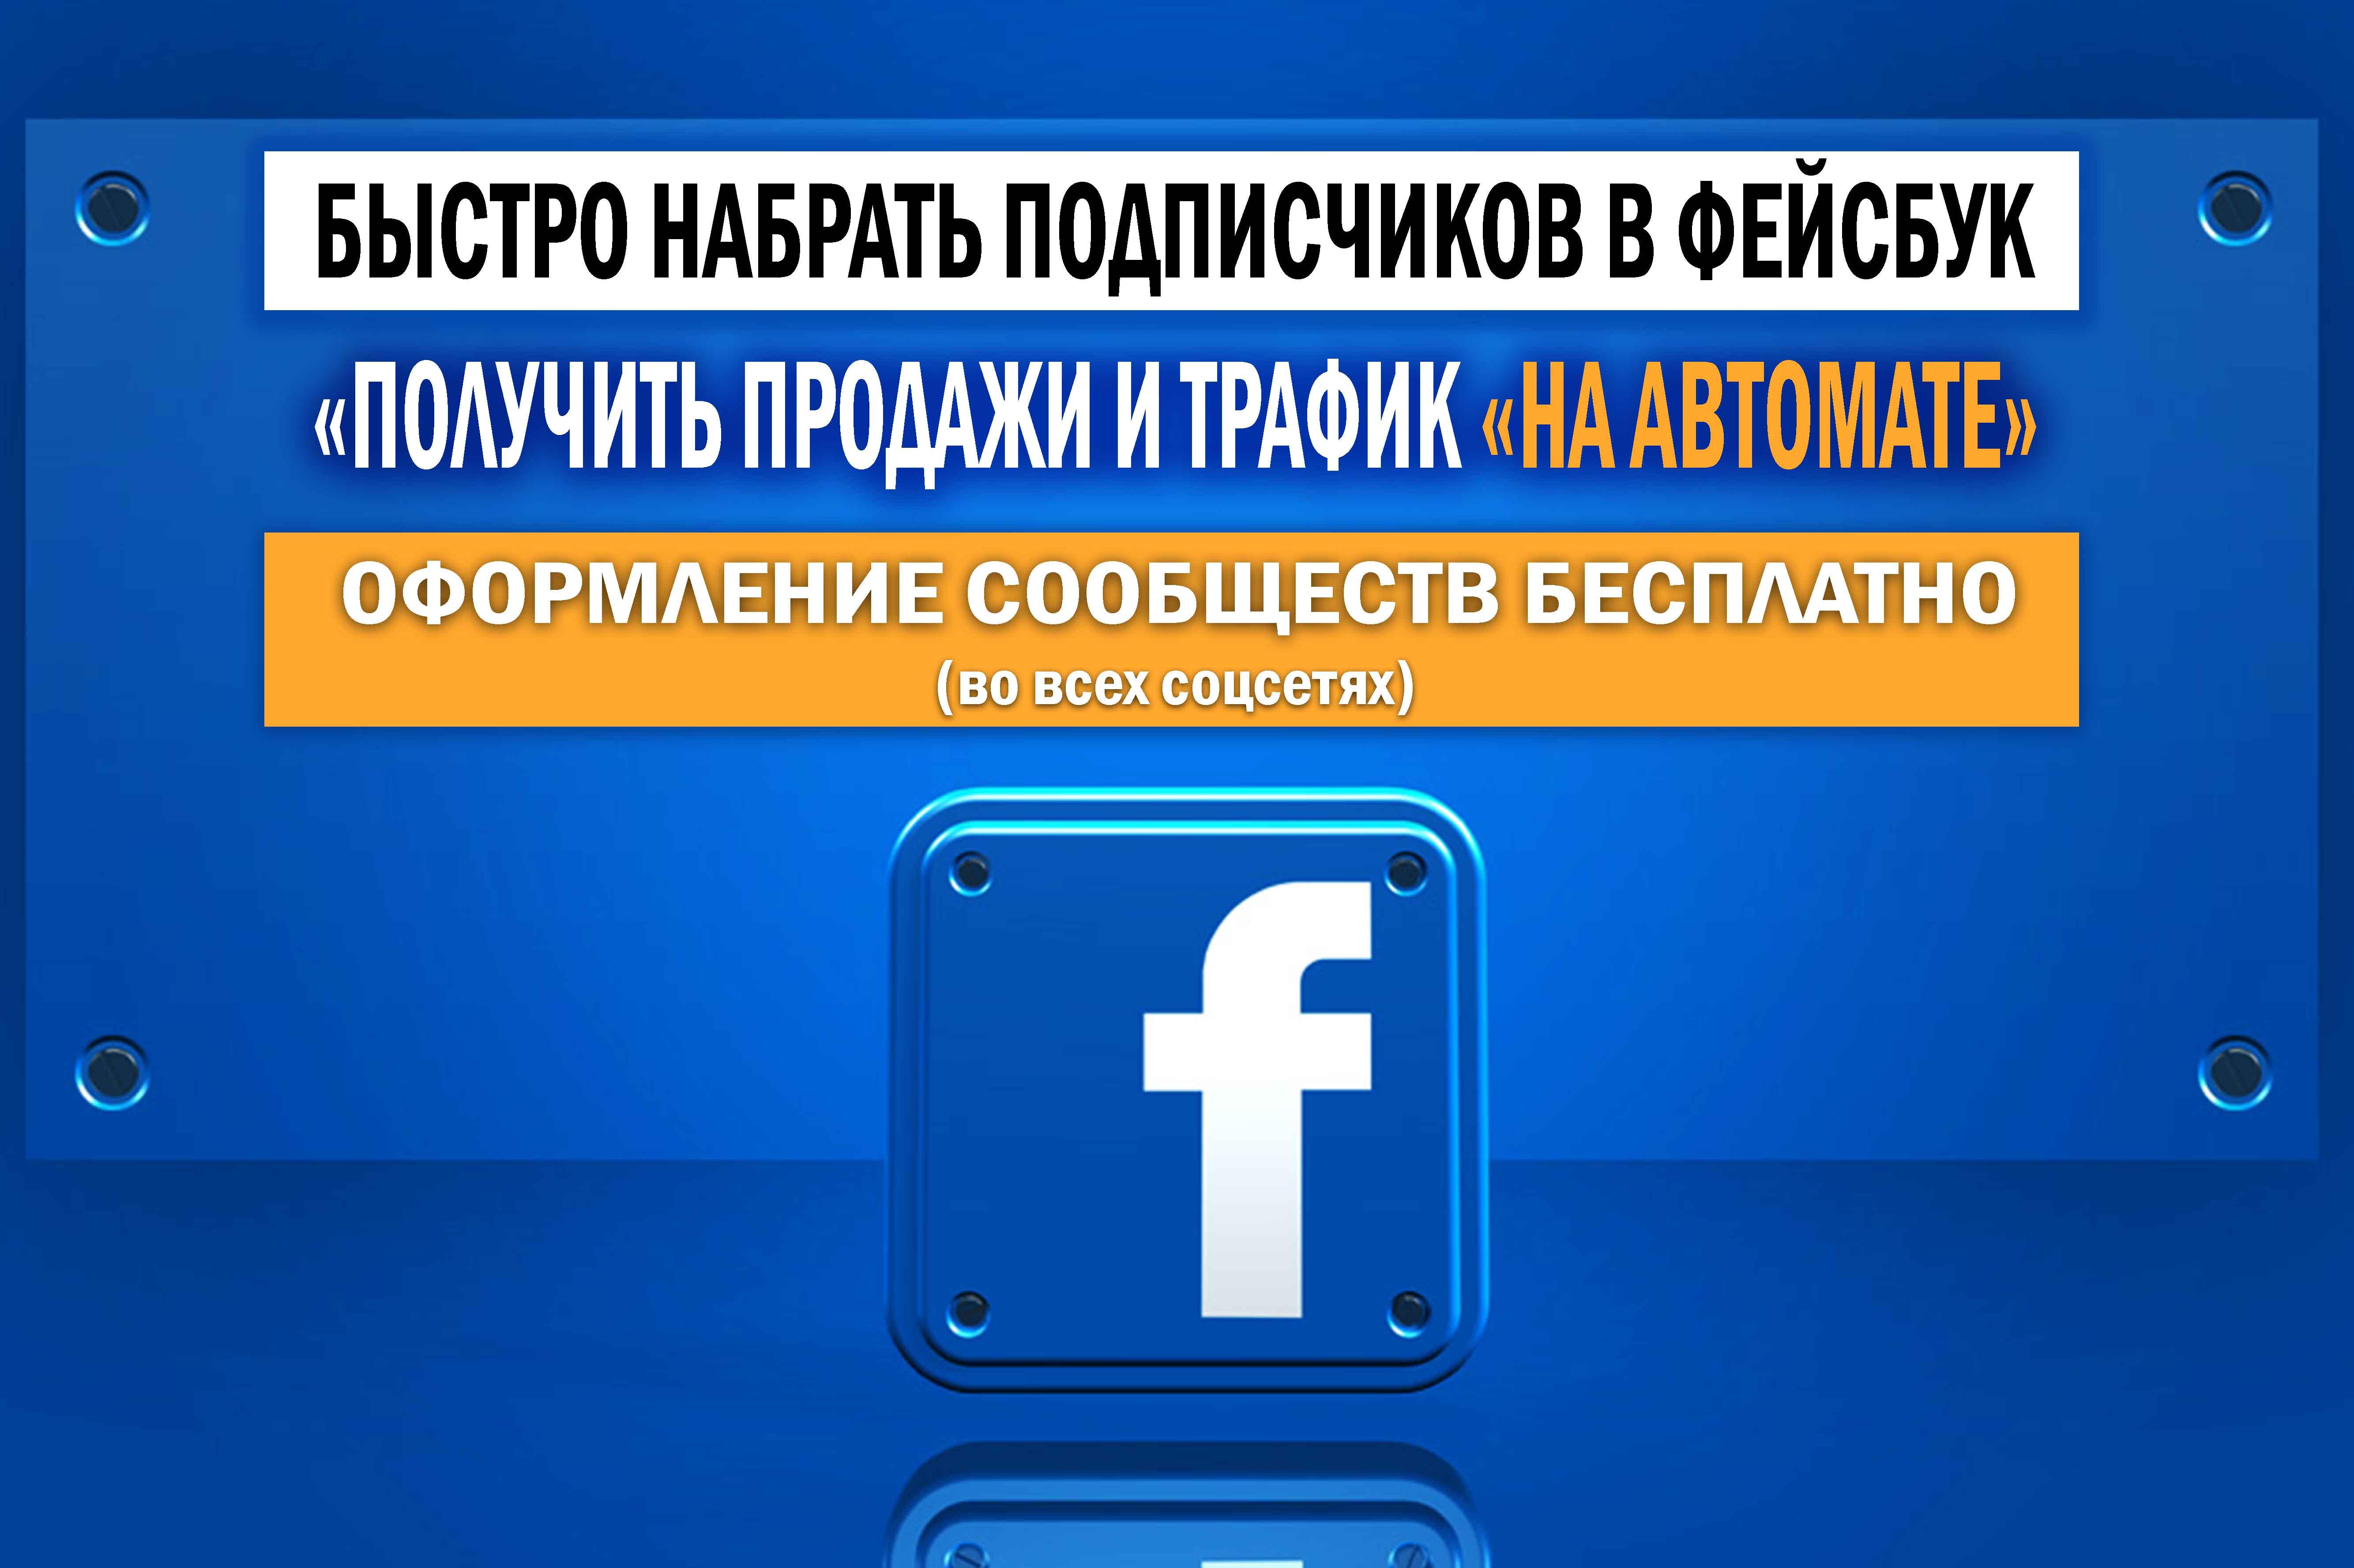 Набор подписчиков на страницу в Фейсбук для получения клиентов